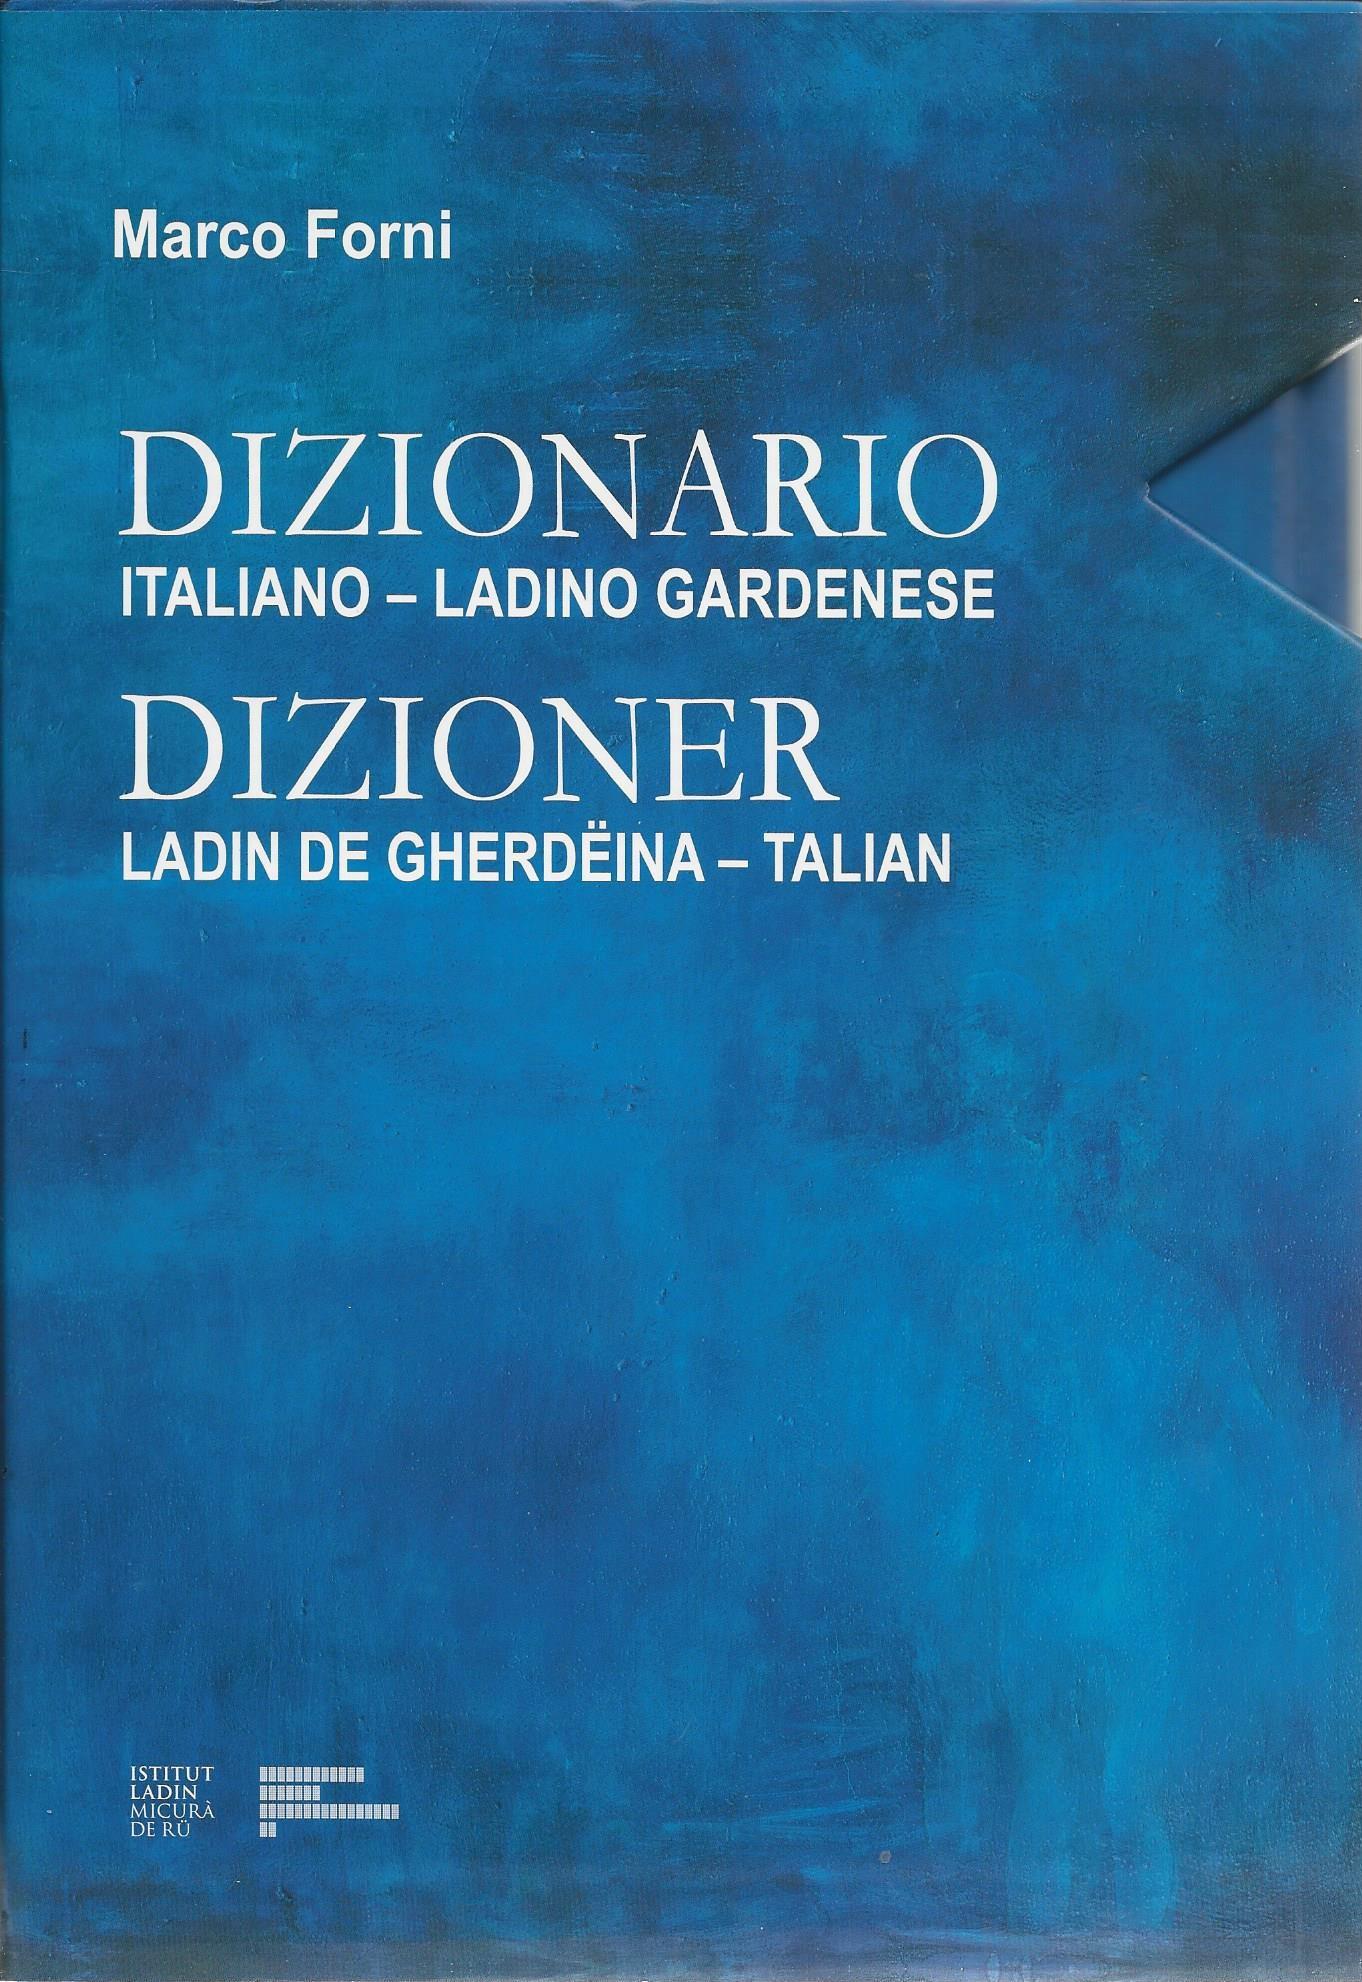 dizioner ladin de Gherdeina - talian, dizionario italiano - ladino gardenese, Marco Forni